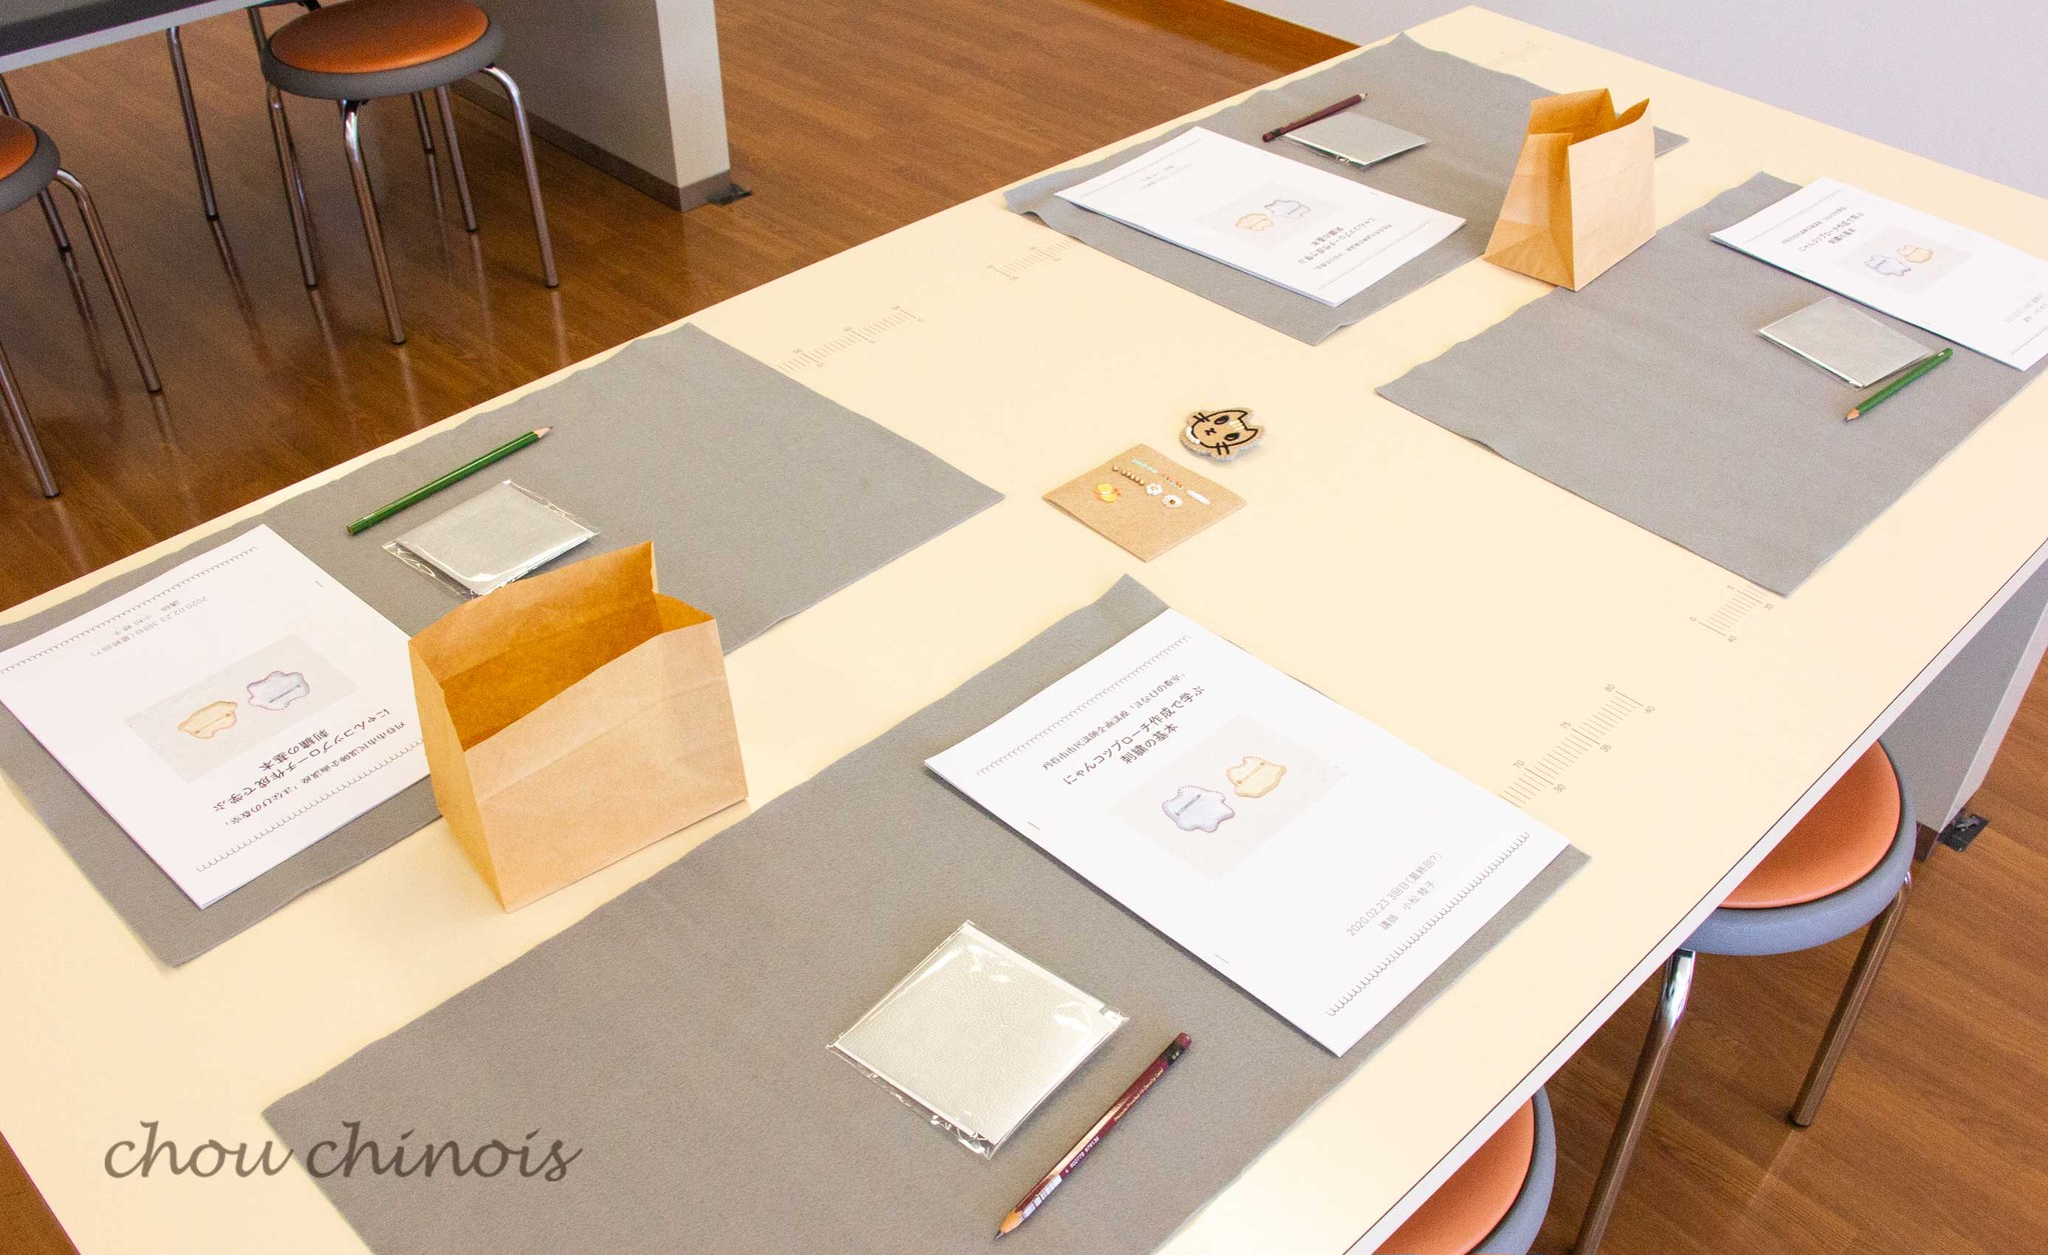 【イベント/ 講師】刈谷市「まなびの教室」で講師を担当しました 〜感動の3回目〜(全3回)